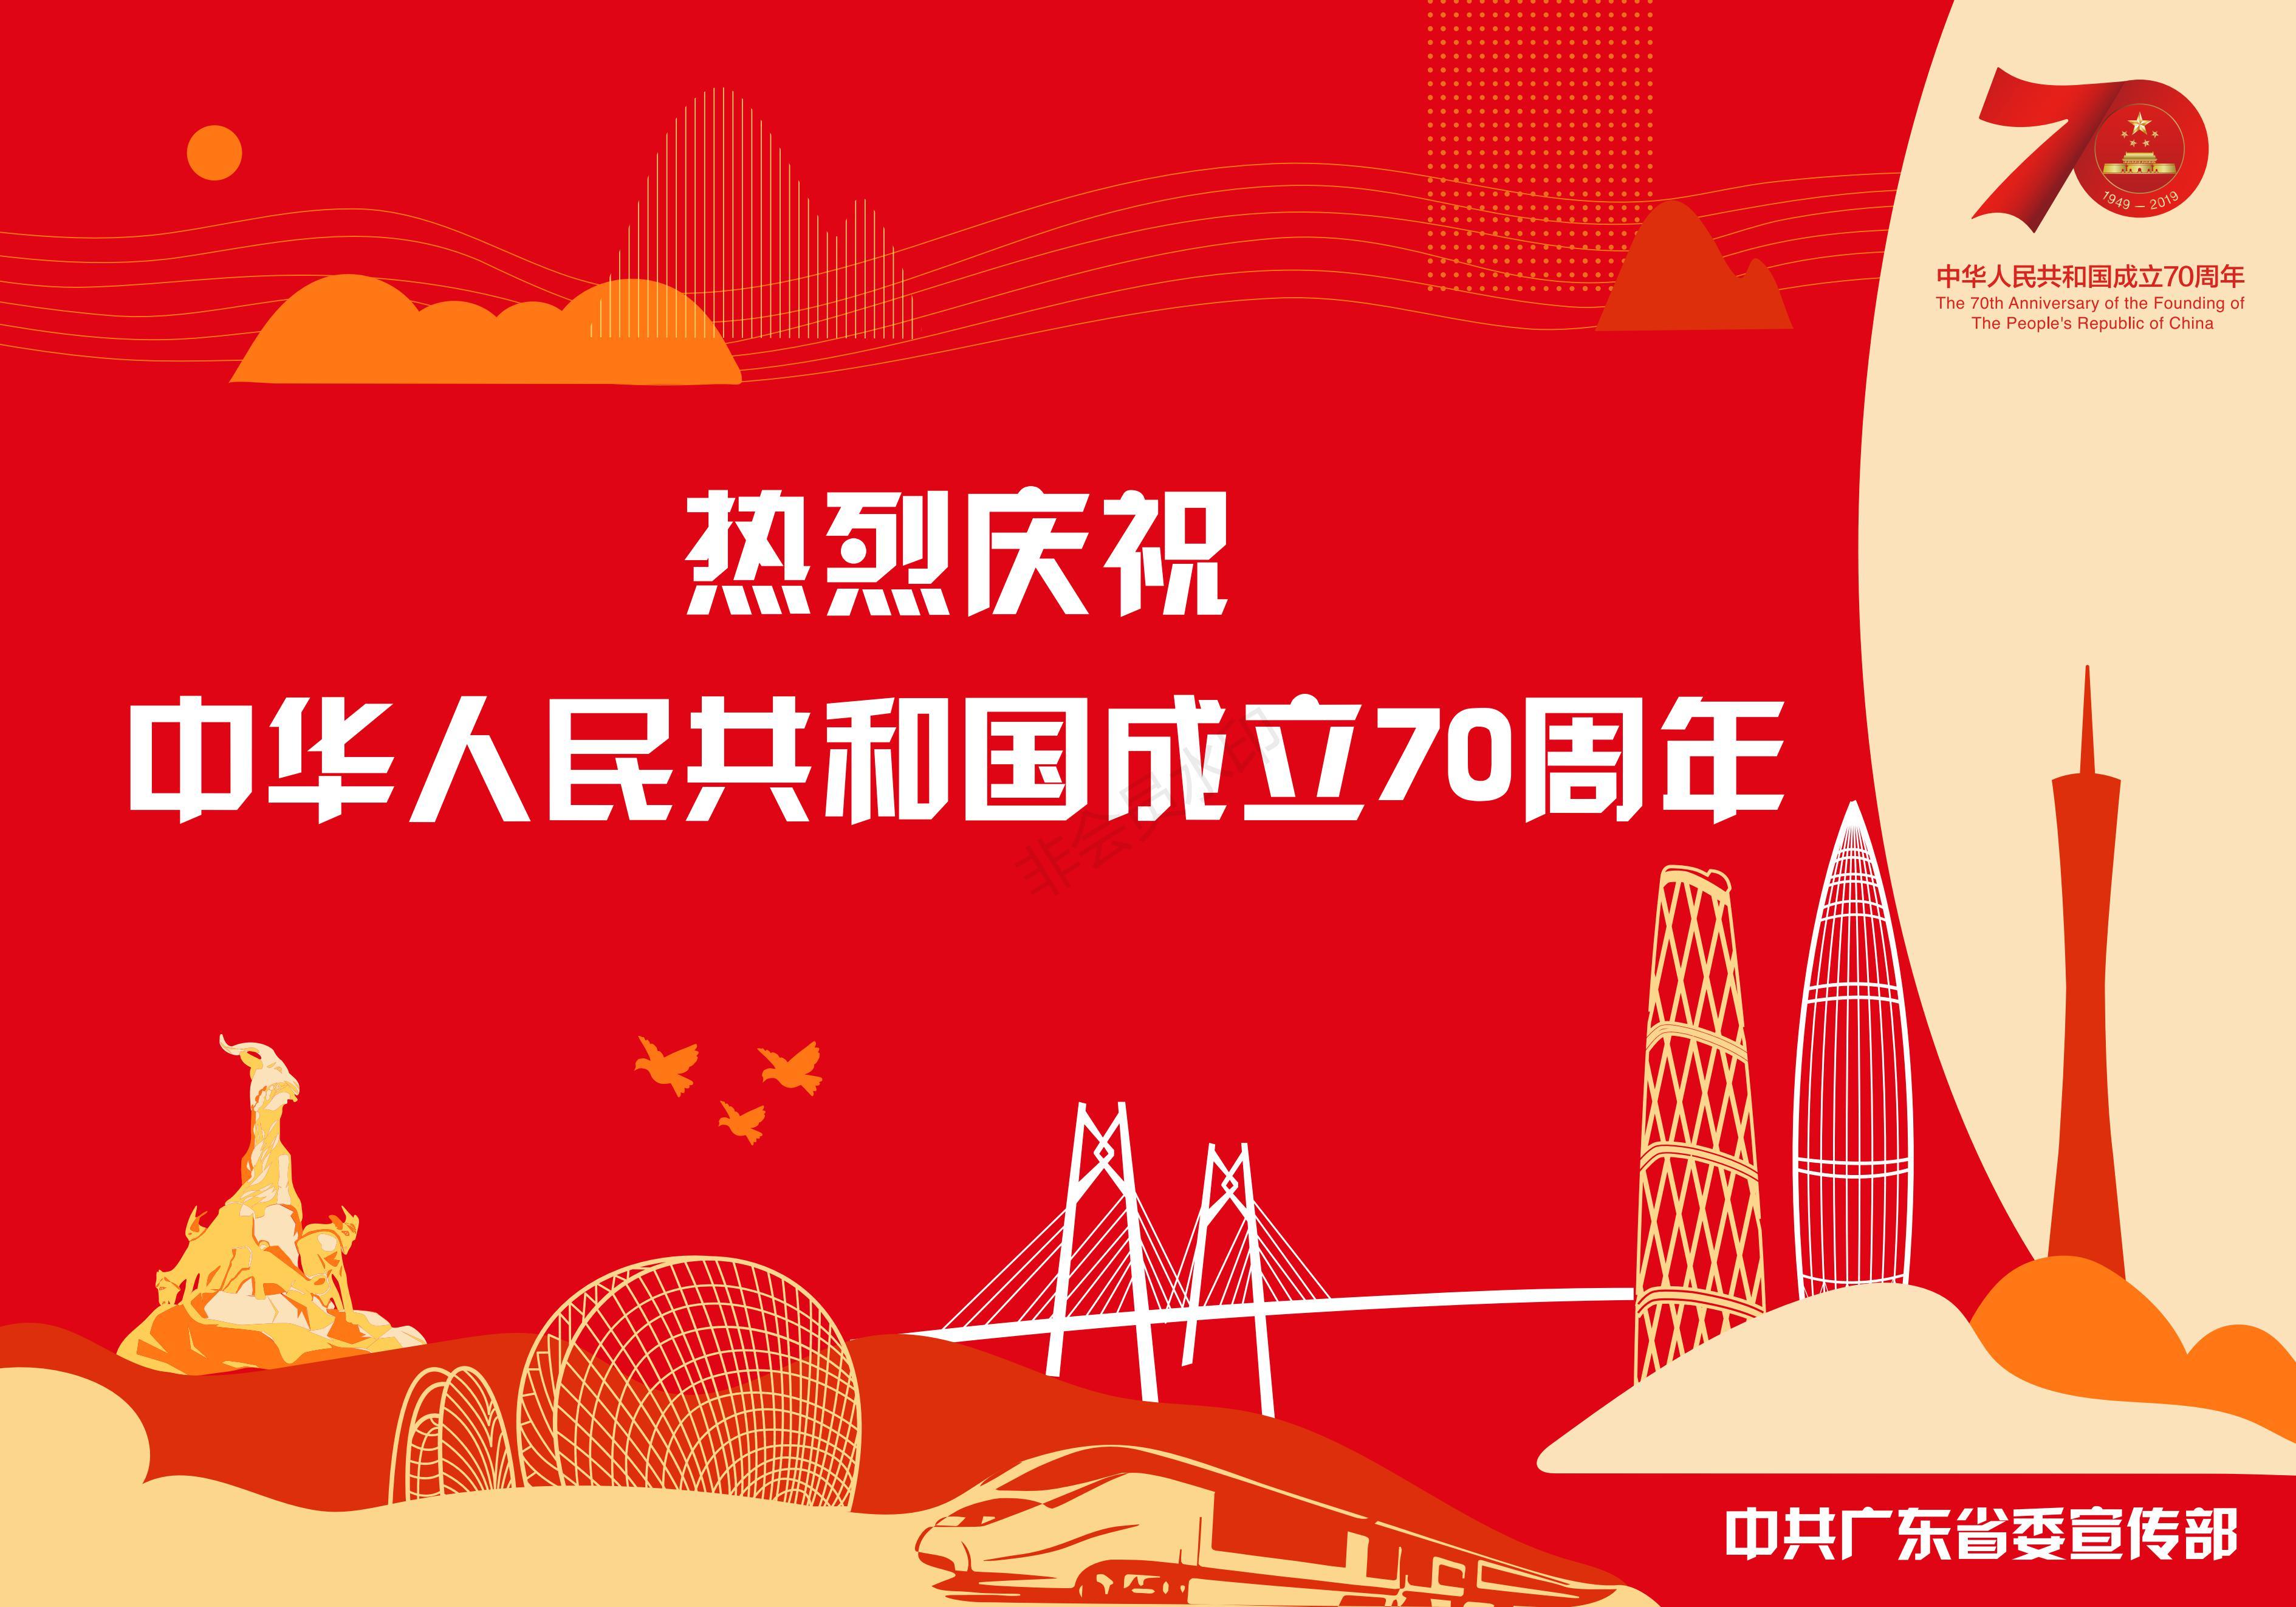 动图丨收藏!庆祝新中国成立70周年宣传画